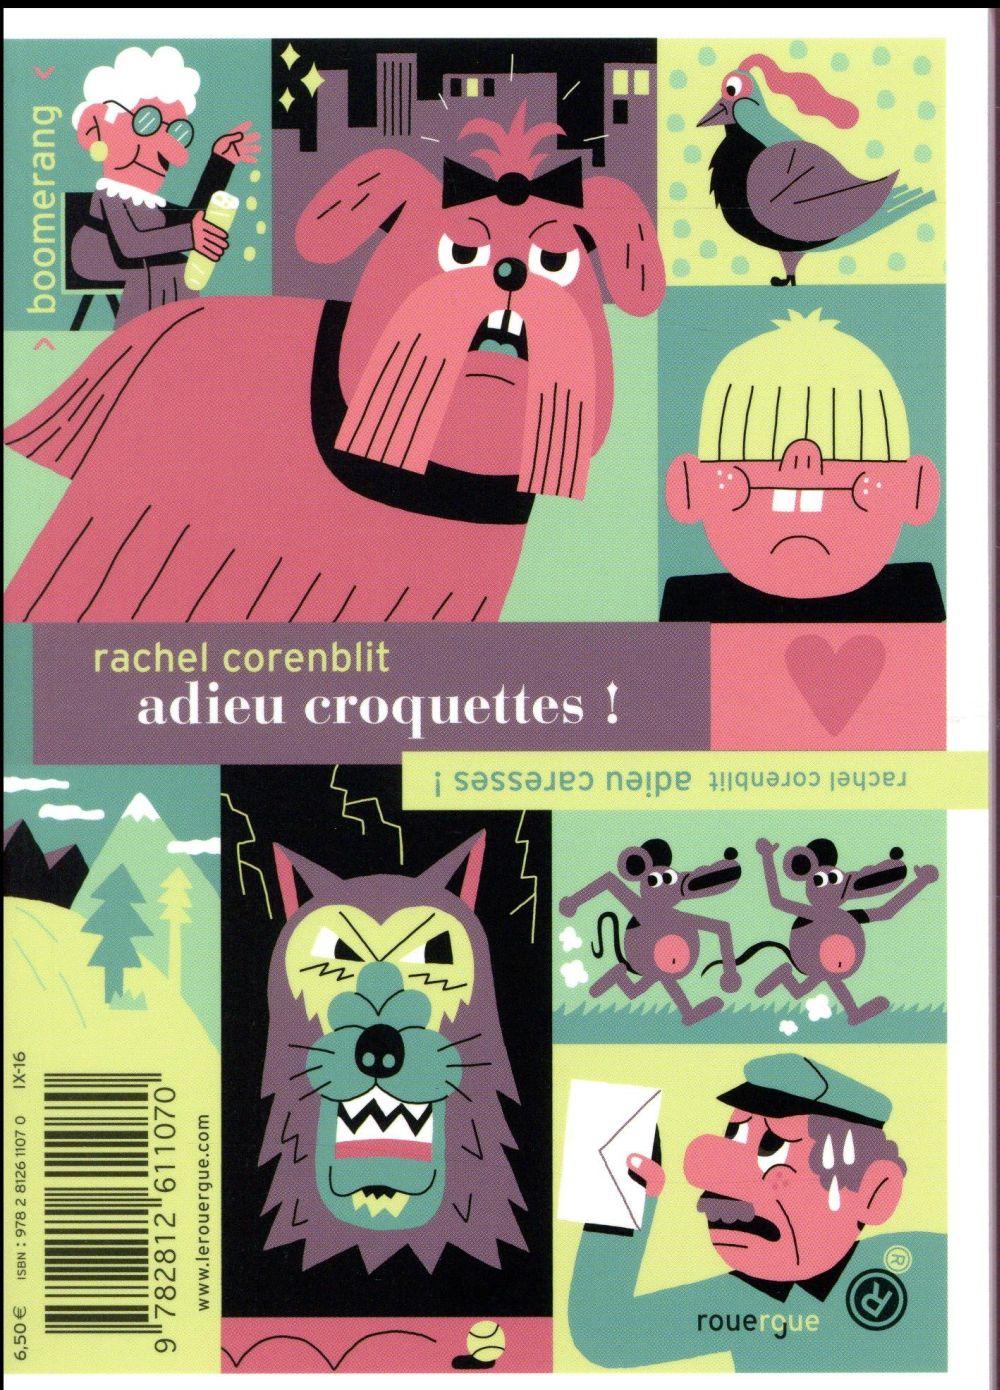 ADIEU CROQUETTES ! / ADIEU CARESSES !